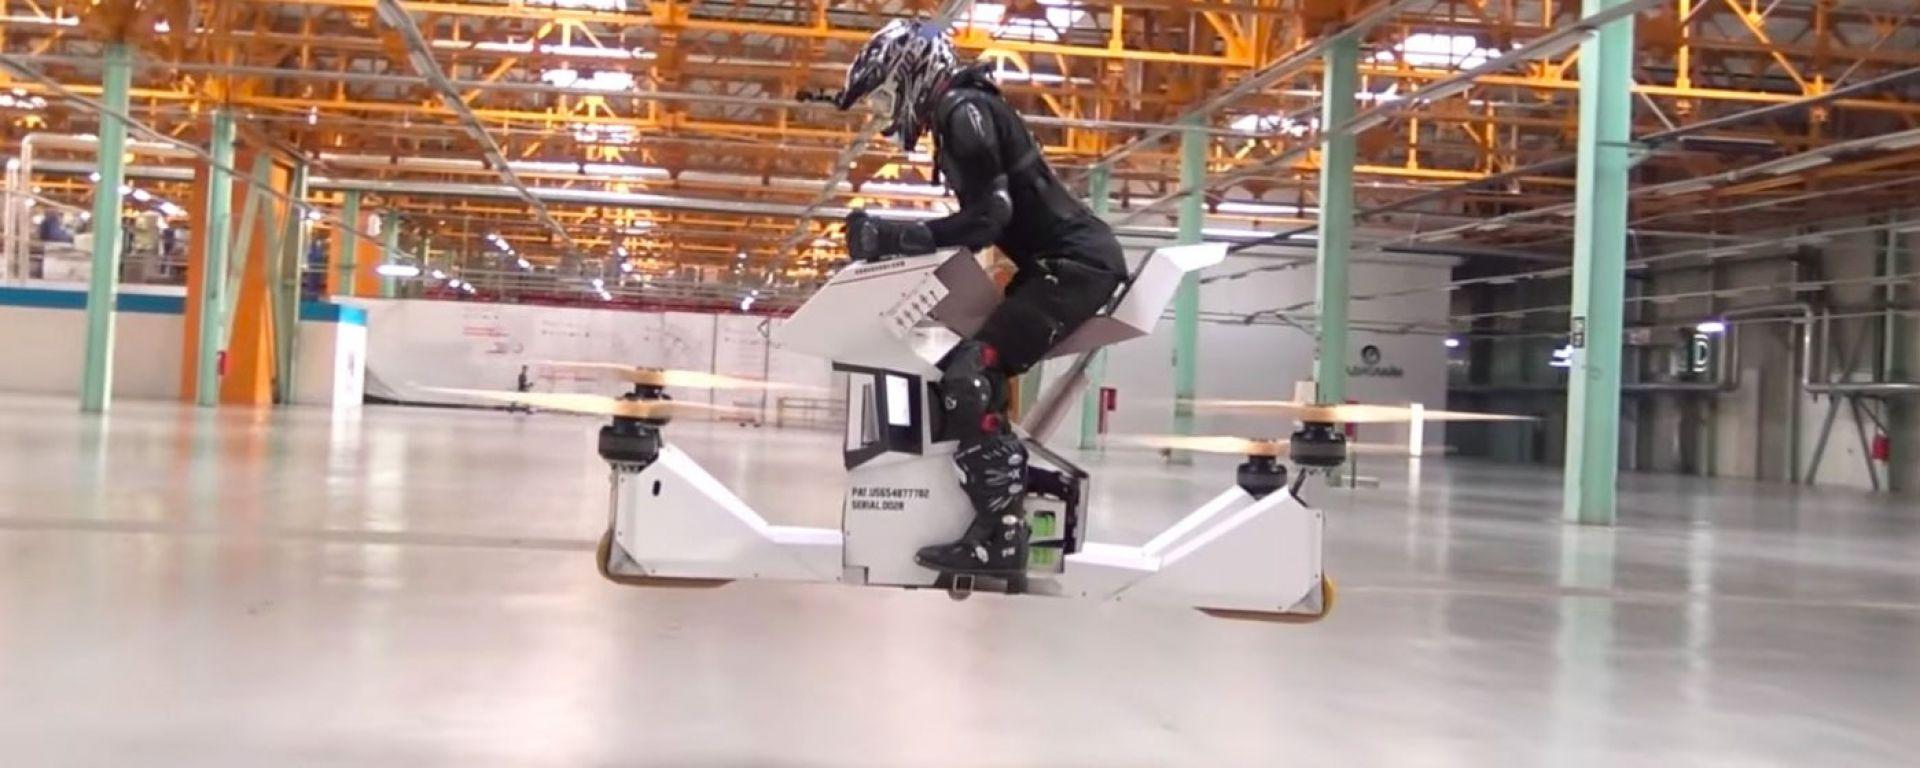 Hoverbike Scorpion-3: ecco la moto volante elettrica [VIDEO]